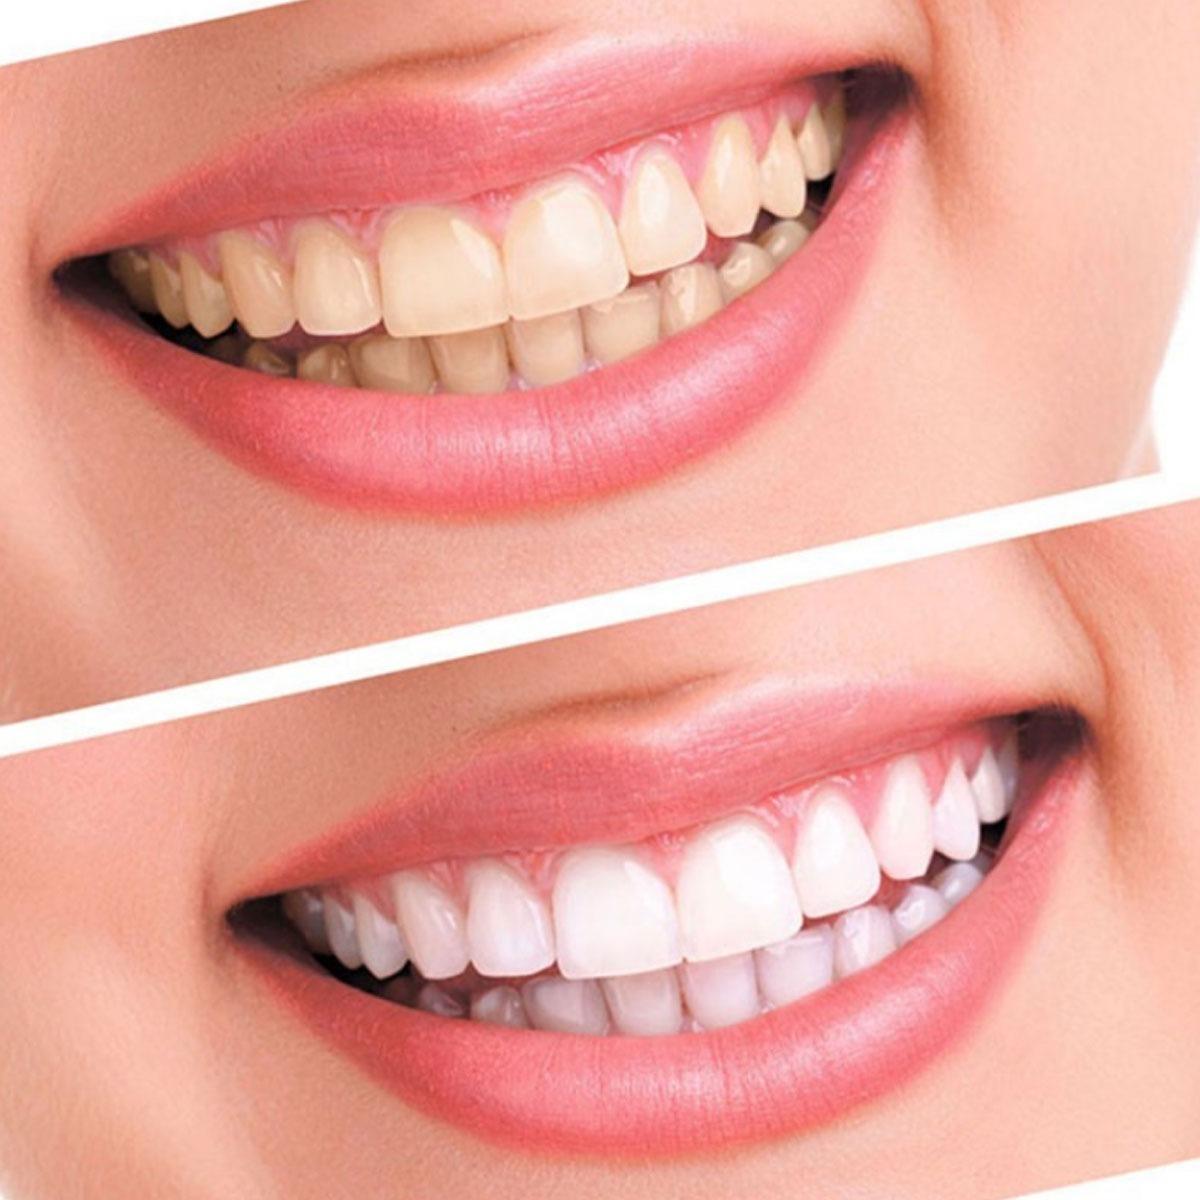 Kit Clareamento Farmacia Caseiro Dental Gel 44 Clareador R 49 00